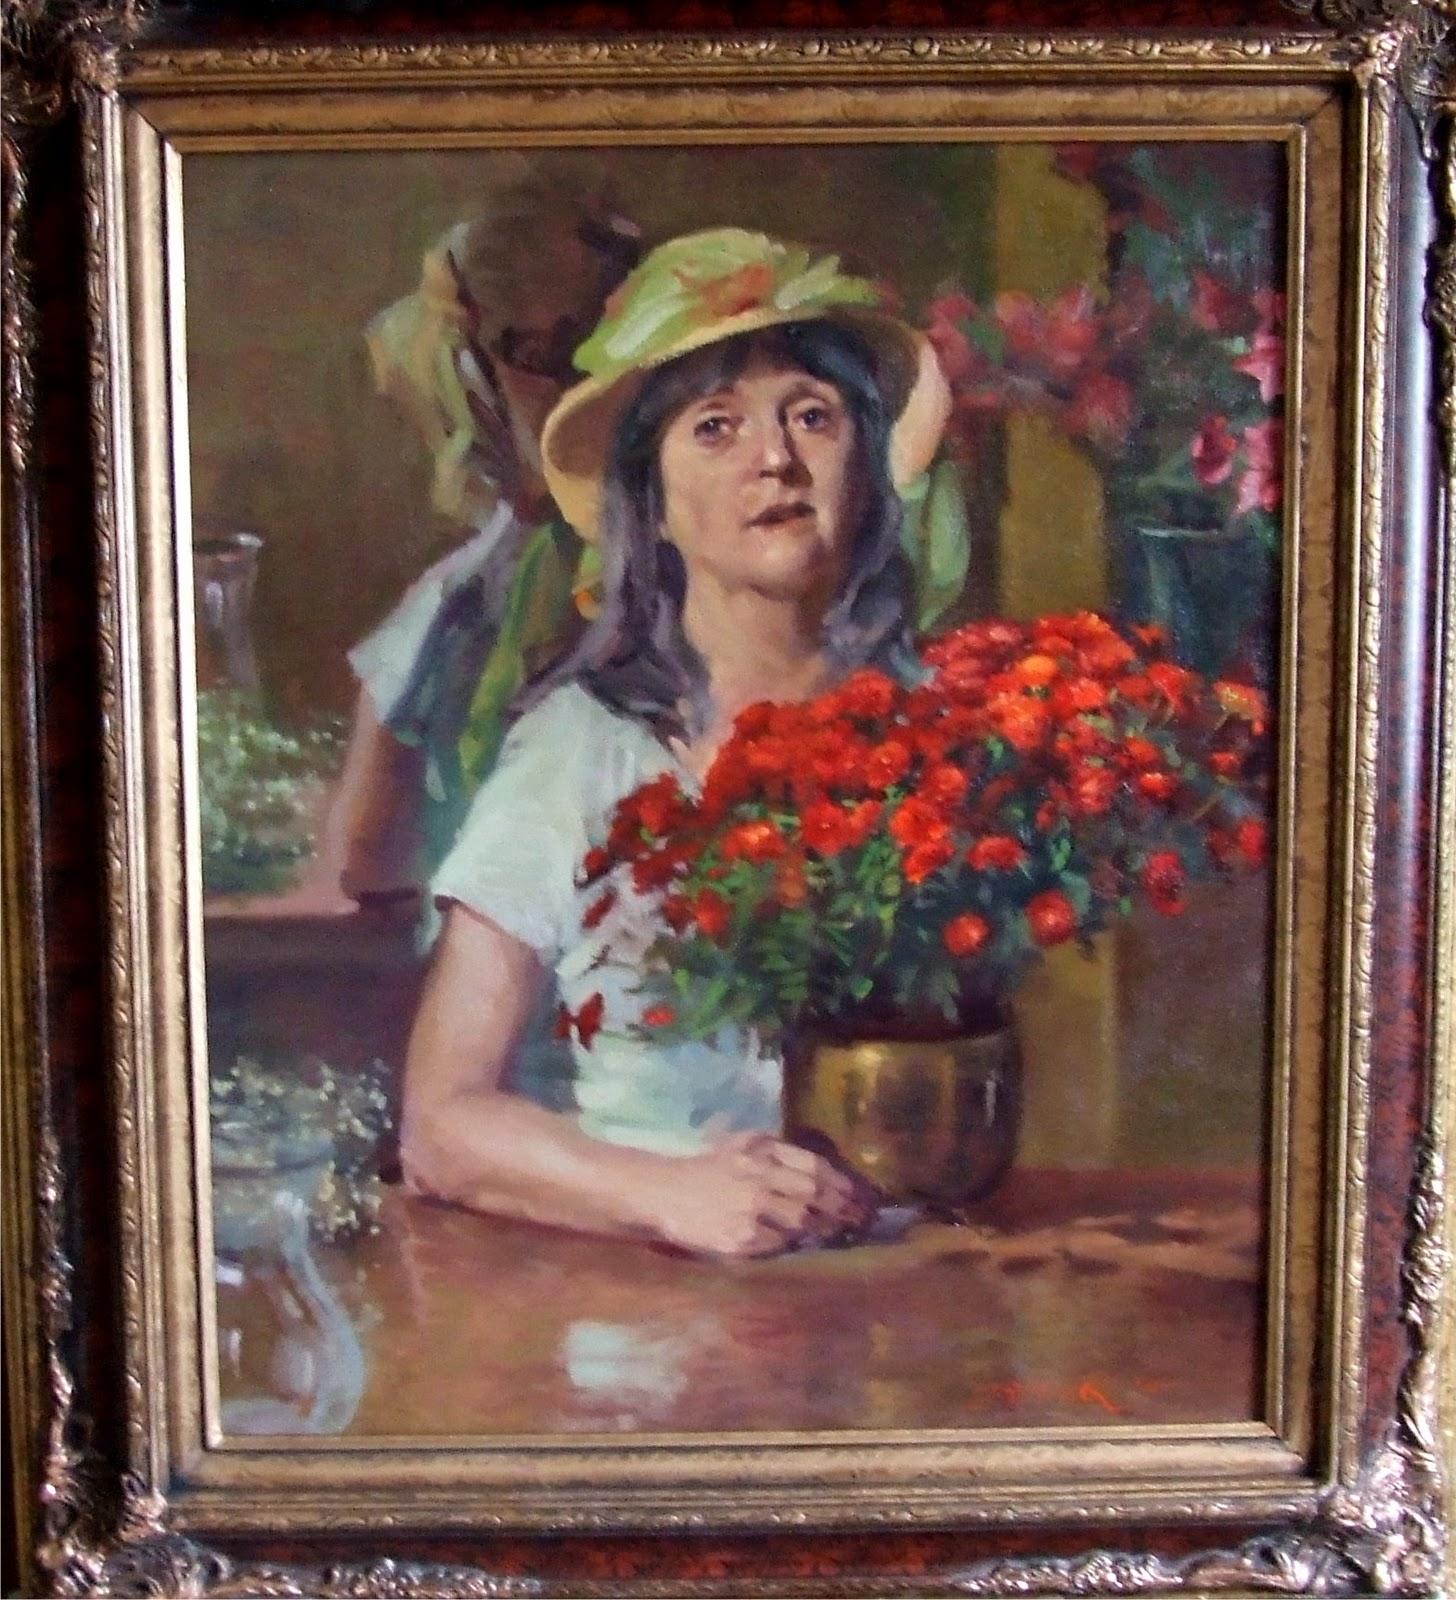 http://3.bp.blogspot.com/-vrz0rAN3ei0/TVPqI0jtmoI/AAAAAAAAAc8/i8Xg-FrIvIk/s1600/Lily+Portrait+1.jpg